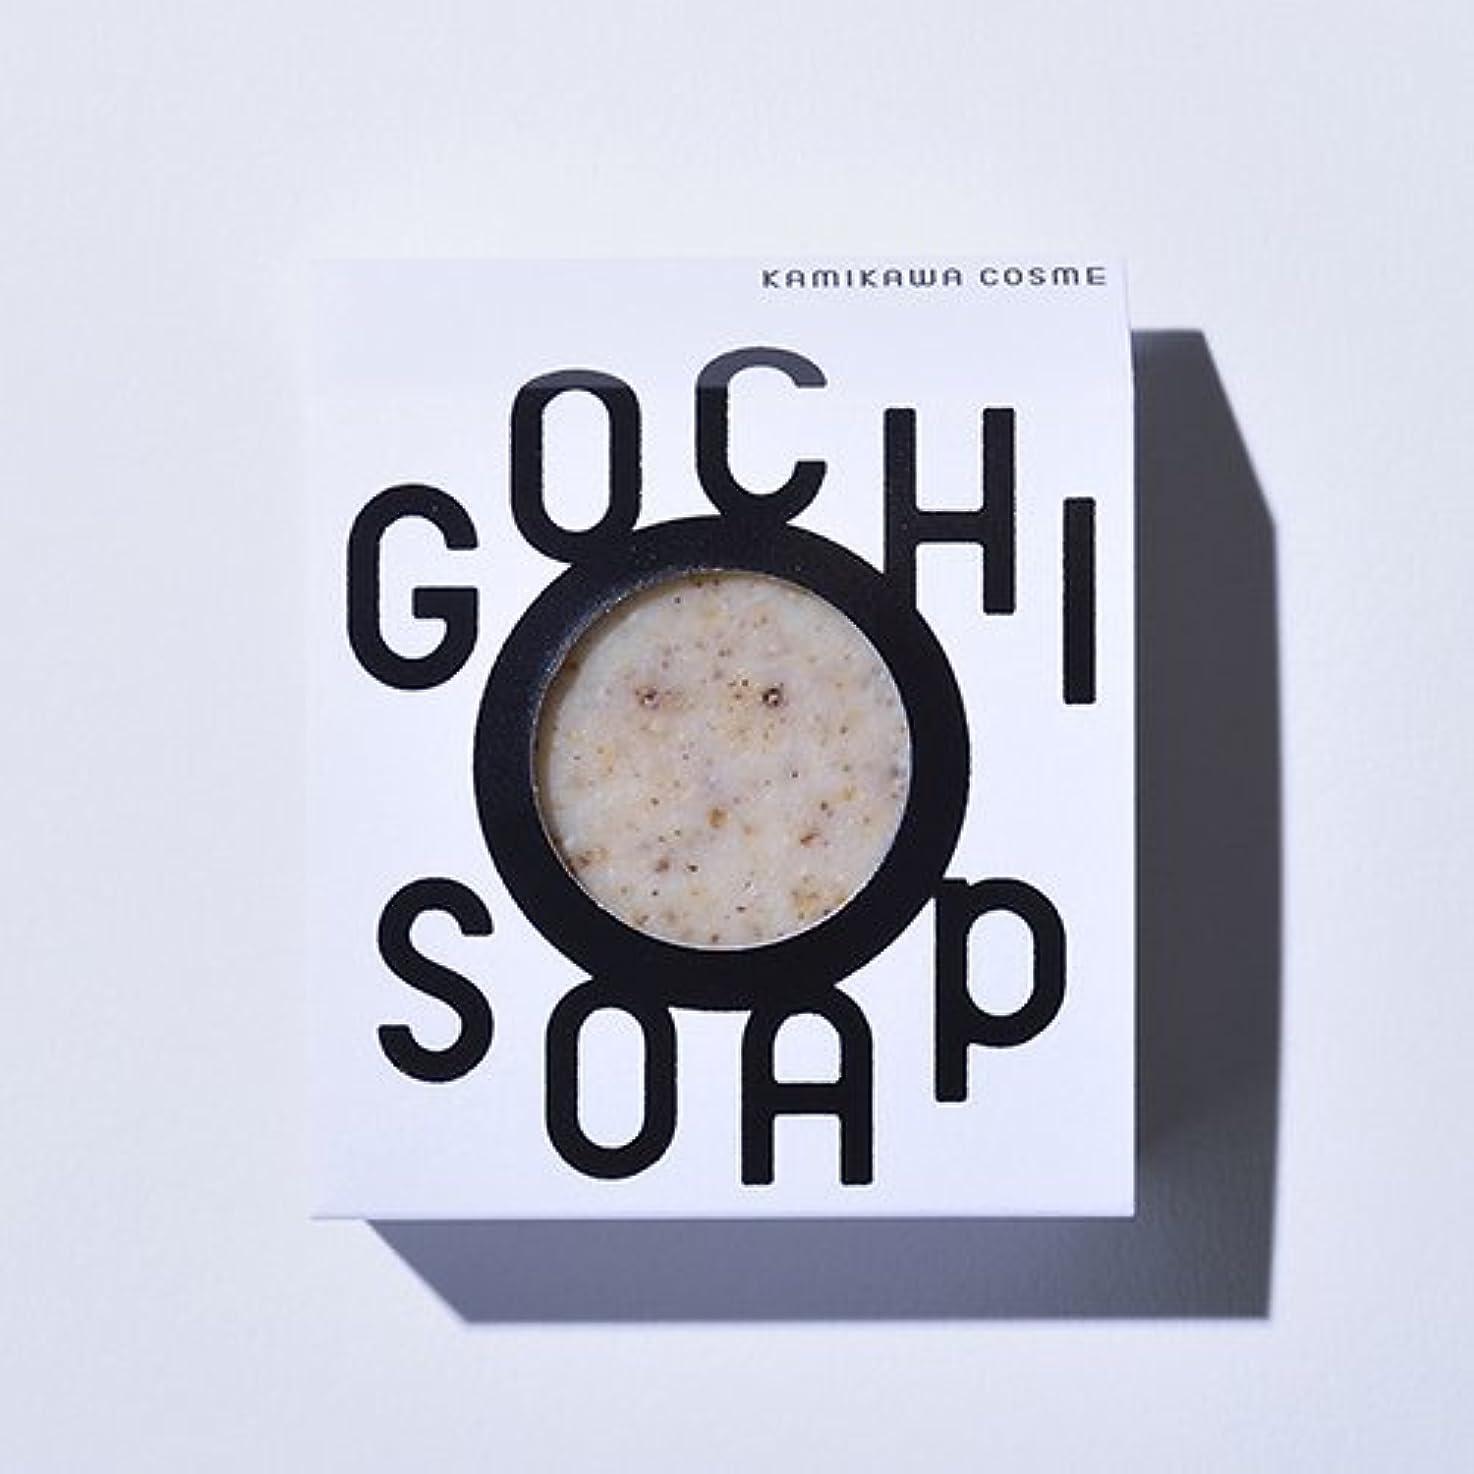 変化する地震鋭くGOCHI SOAP ゴチソープ 上森米穀店の焙煎黒米ソープ